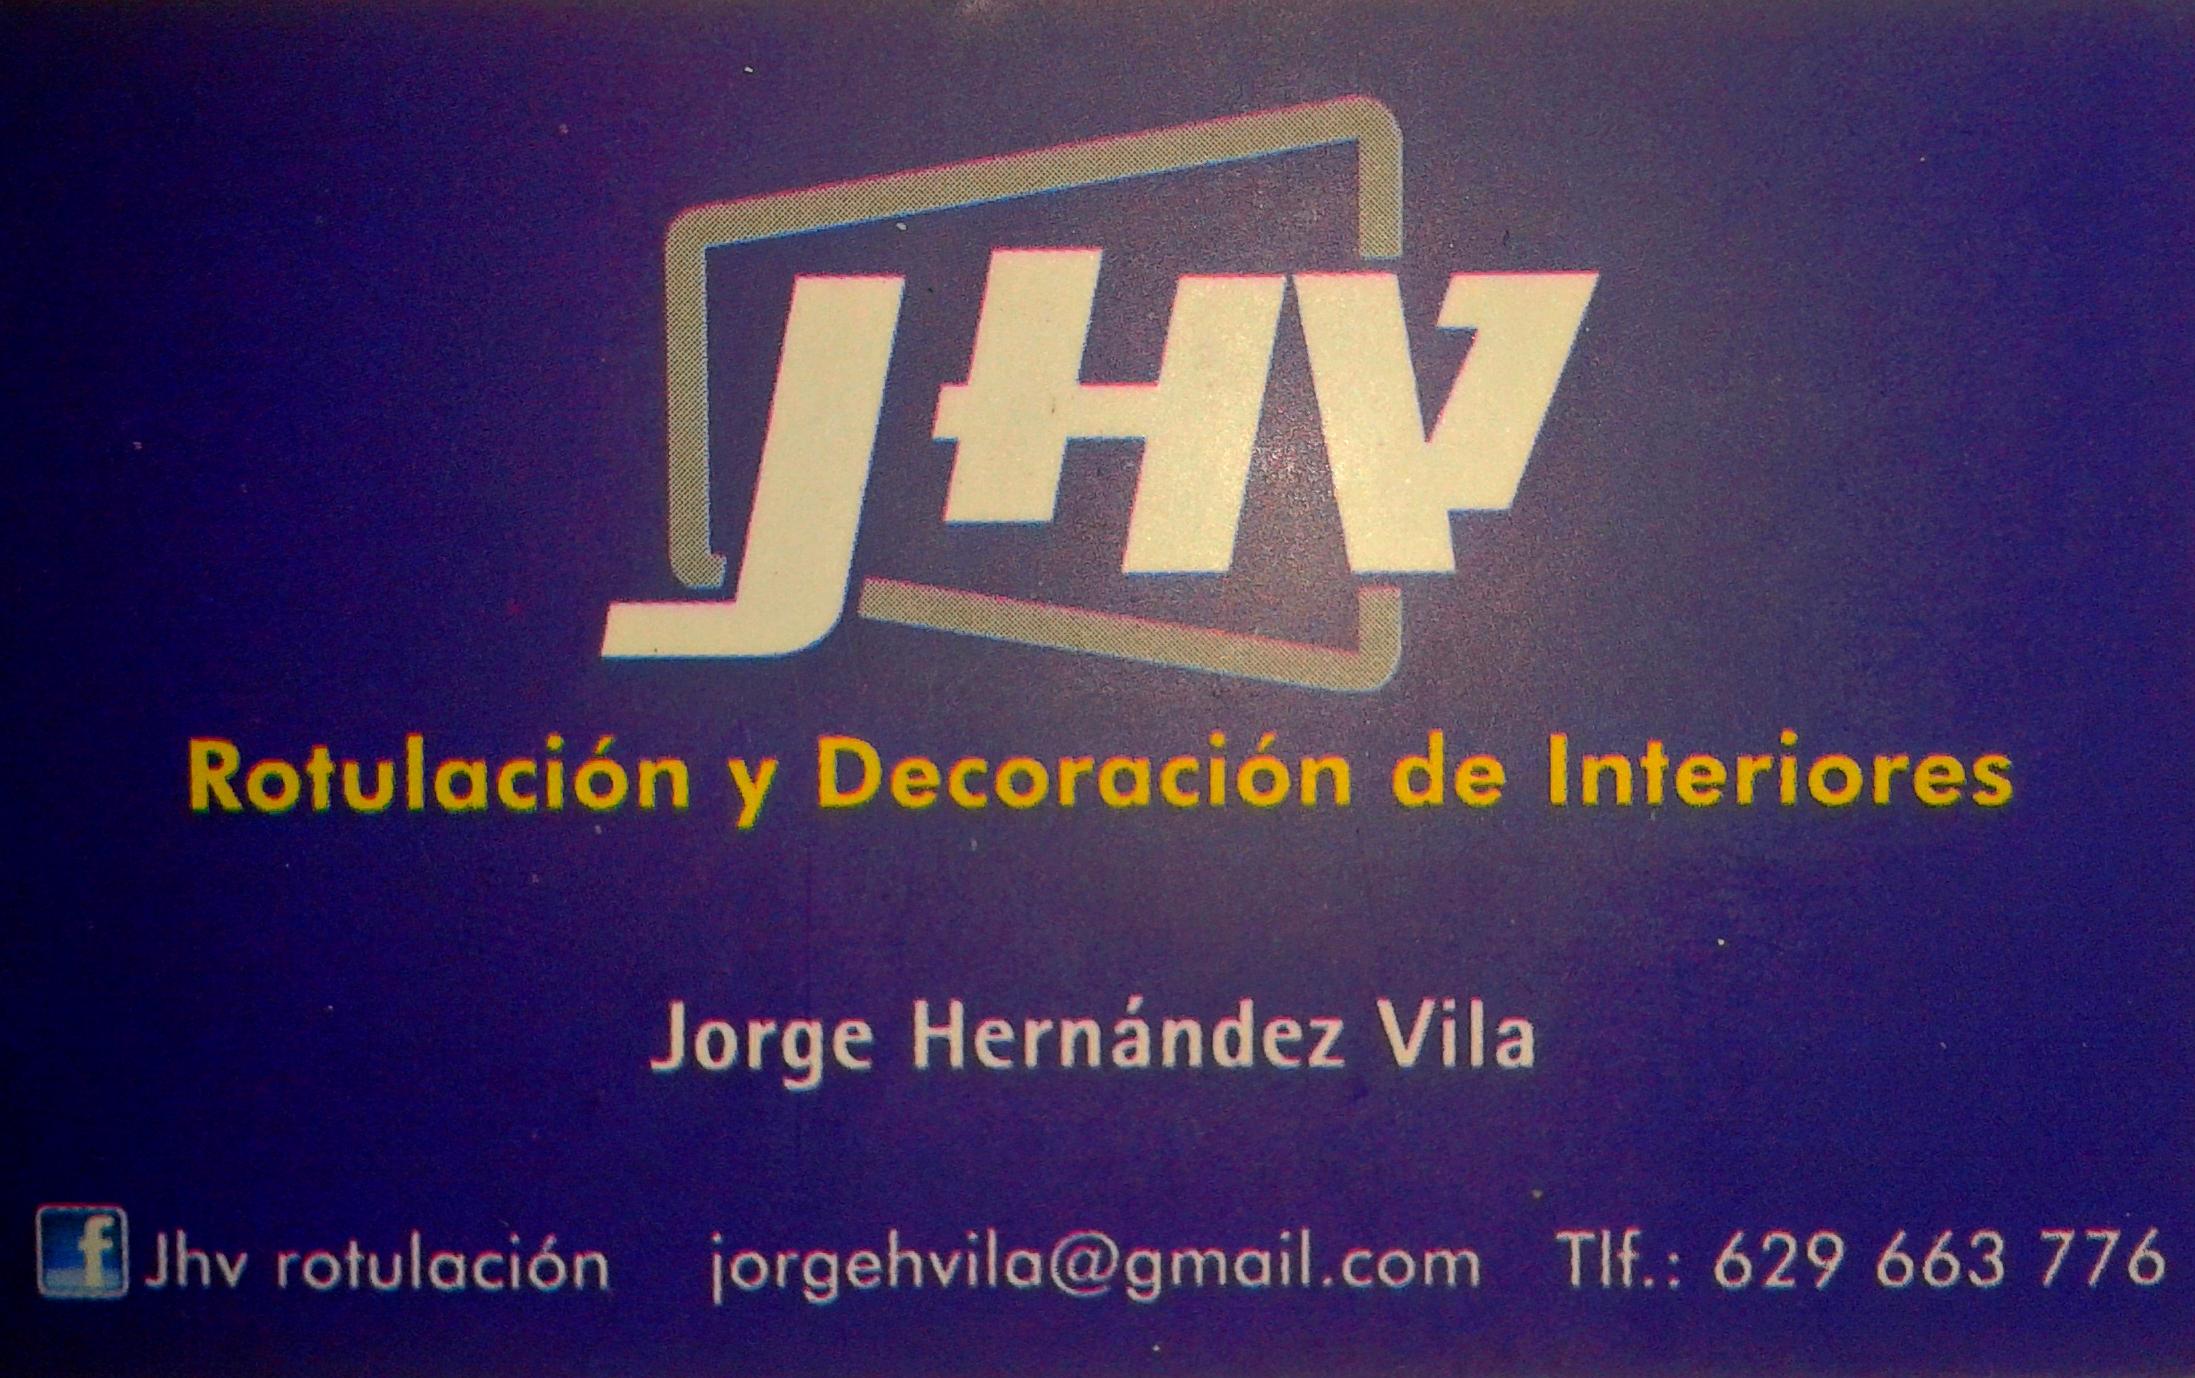 JHV Rotulaciones